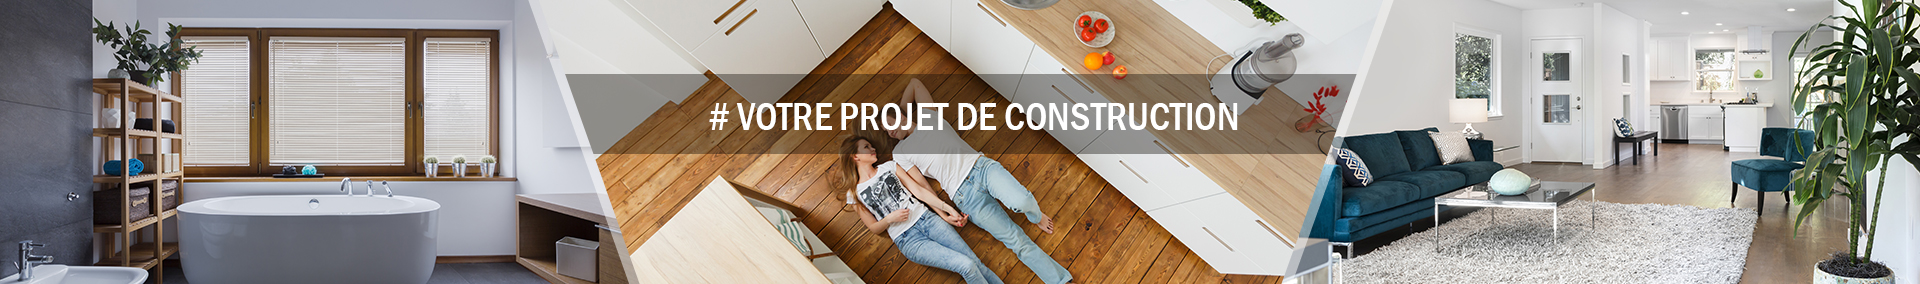 Des plans de maisons personnalisés avec Bermax Construction